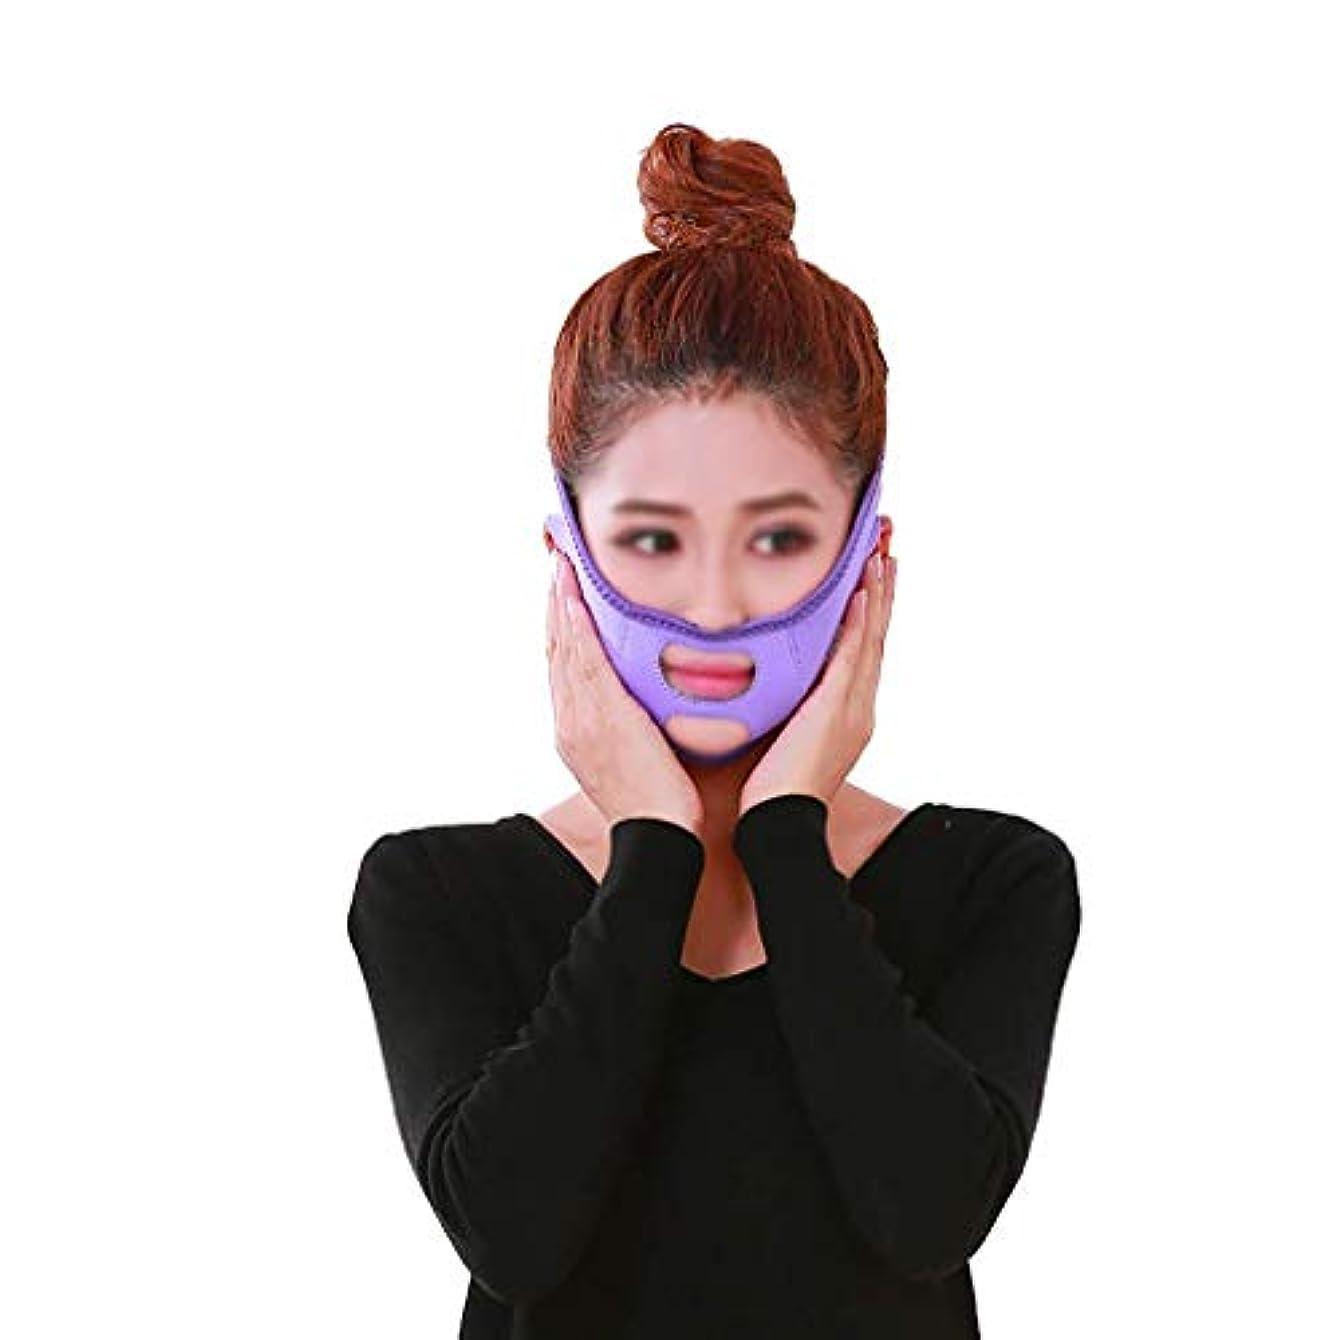 幸福買うくちばしフェイスリフトフェイシャル、肌のリラクゼーションを防ぐタイトなVフェイスマスクVフェイスアーティファクトフェイスリフトバンデージフェイスケア(色:紫)